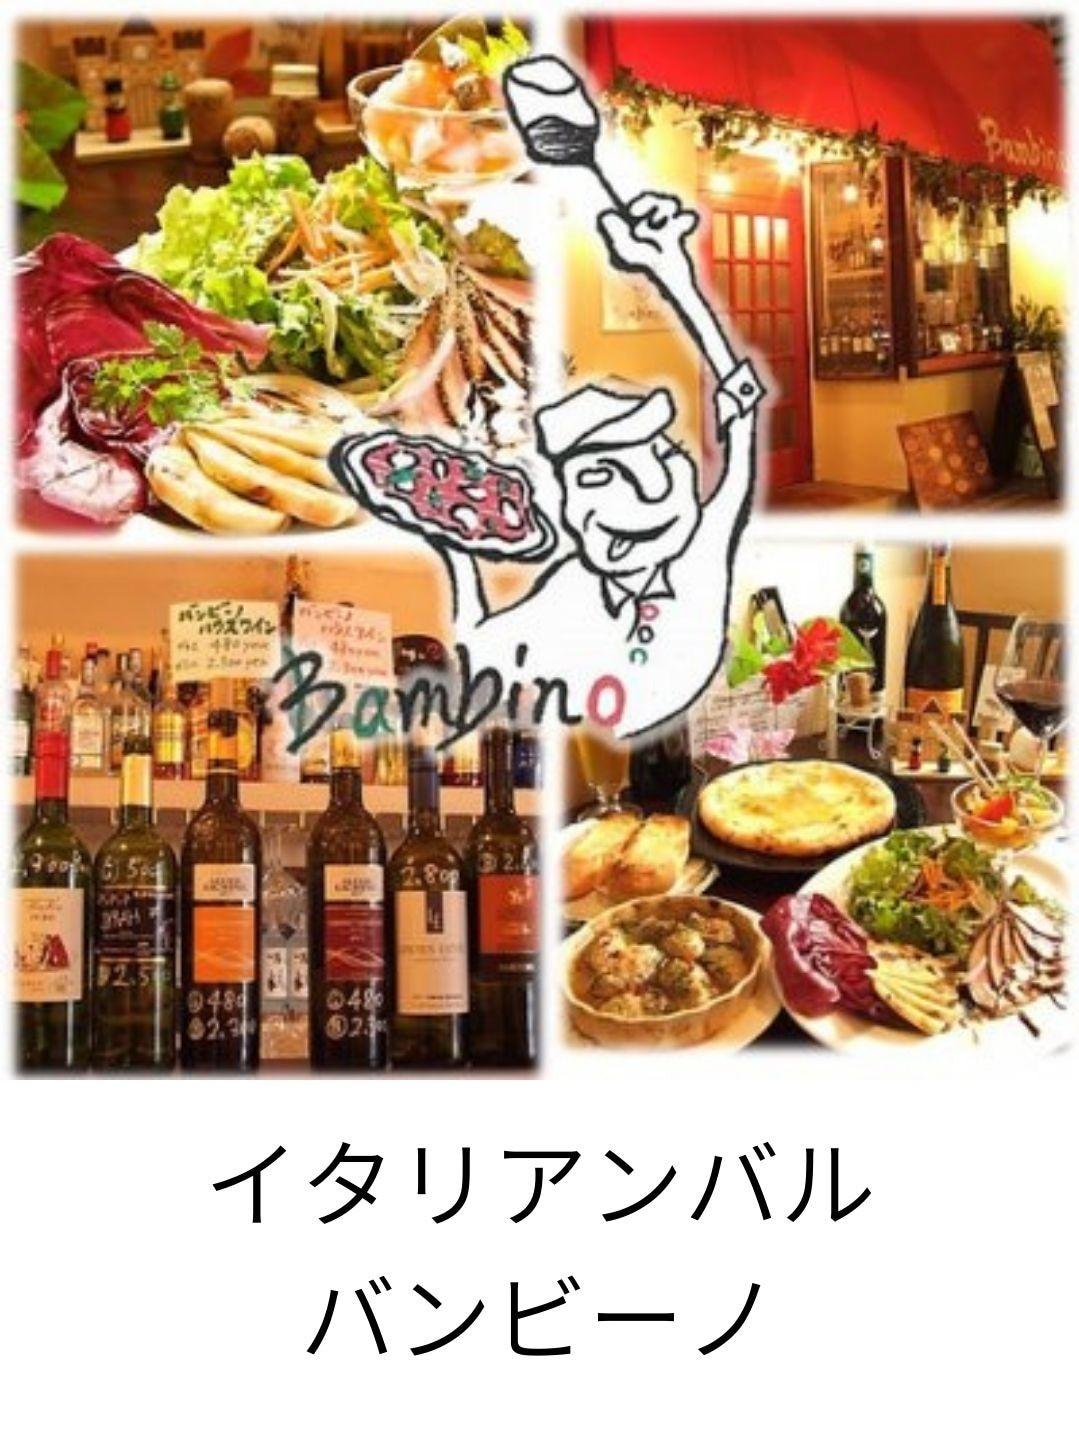 イタリアン|ピザ|バンビーノ|飲み会|テイクアウト